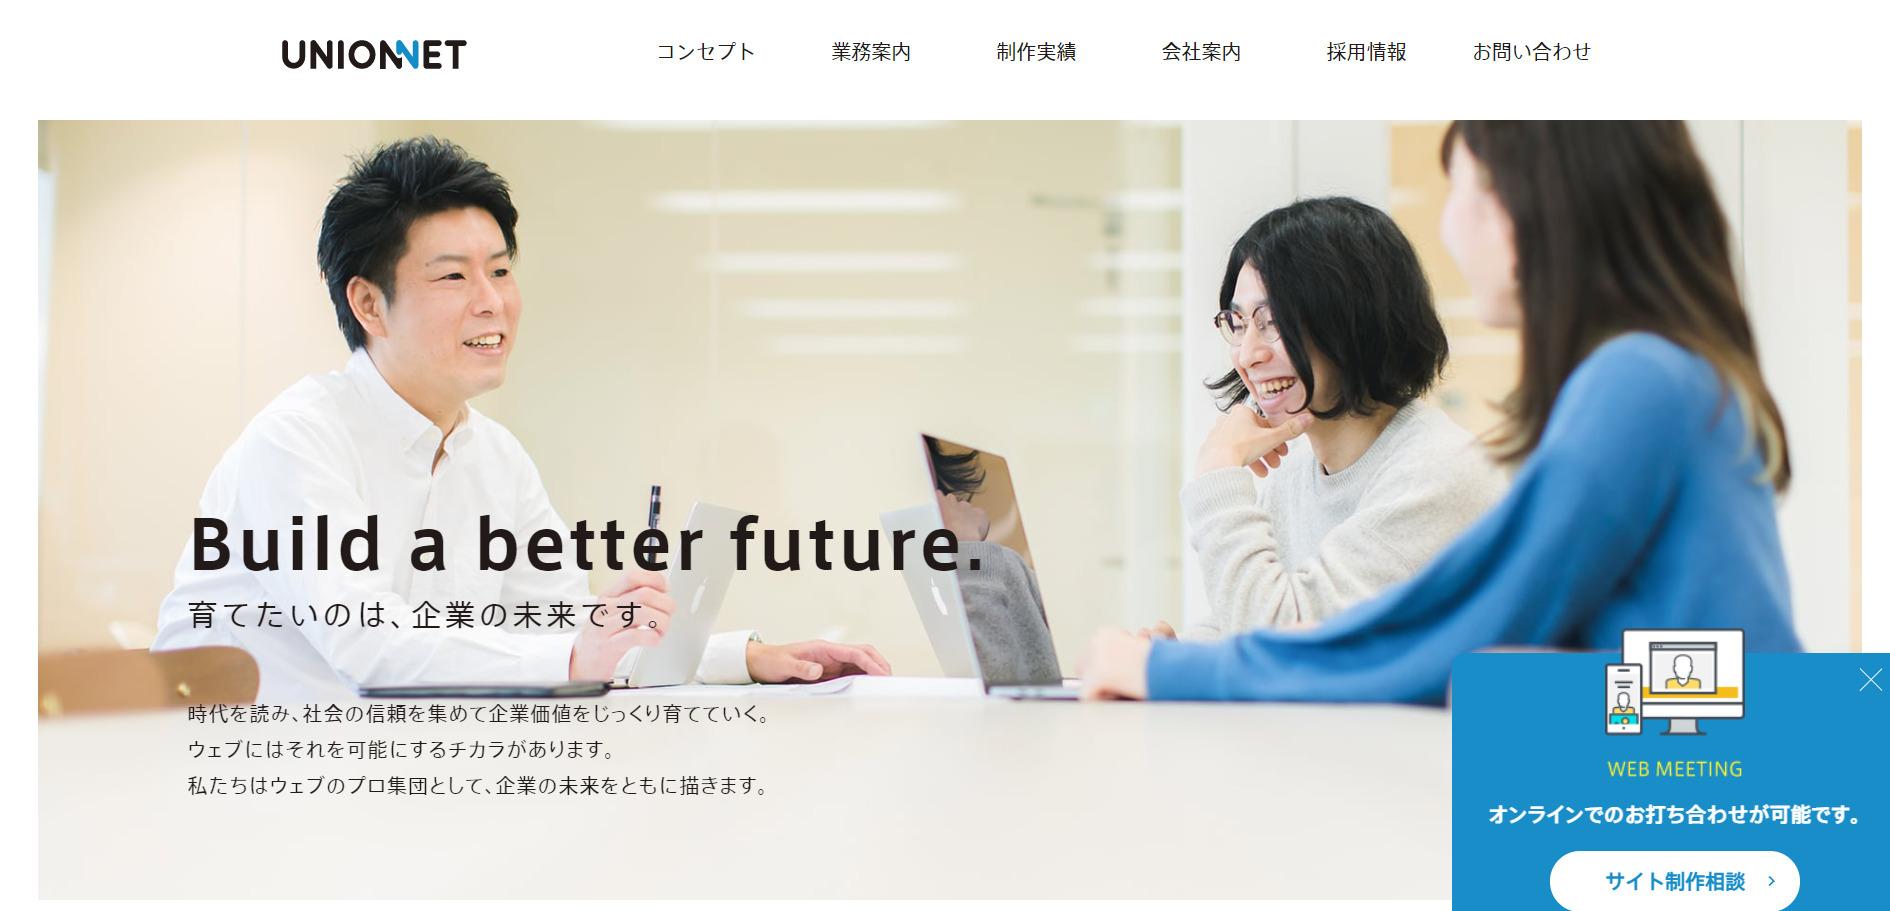 2位:株式会社ユニオンネット